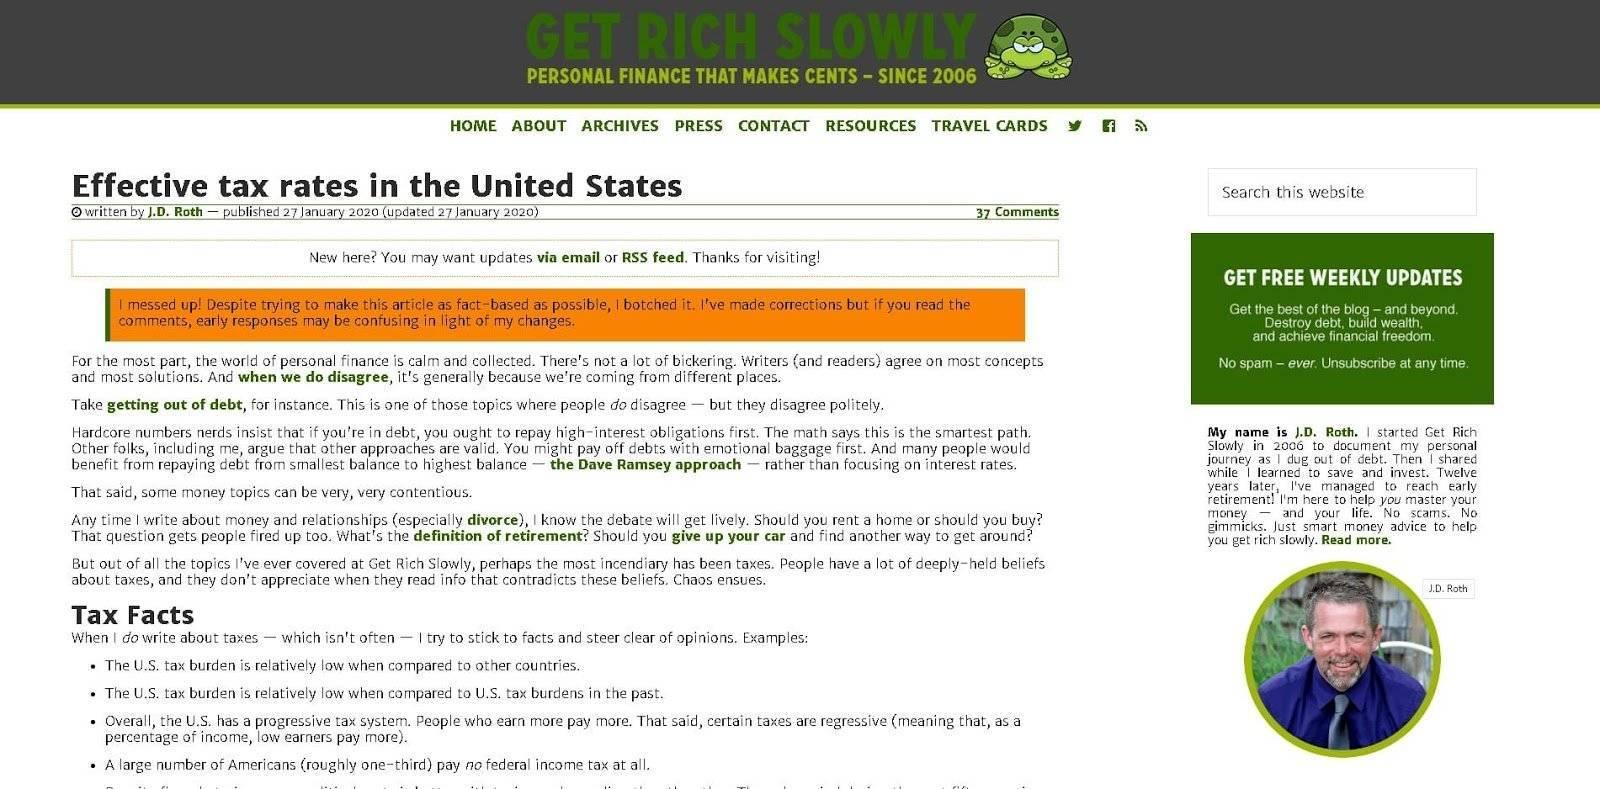 primer-nishi-dlya-bloga - get-rich-slowlyblog-niche-personal-finance